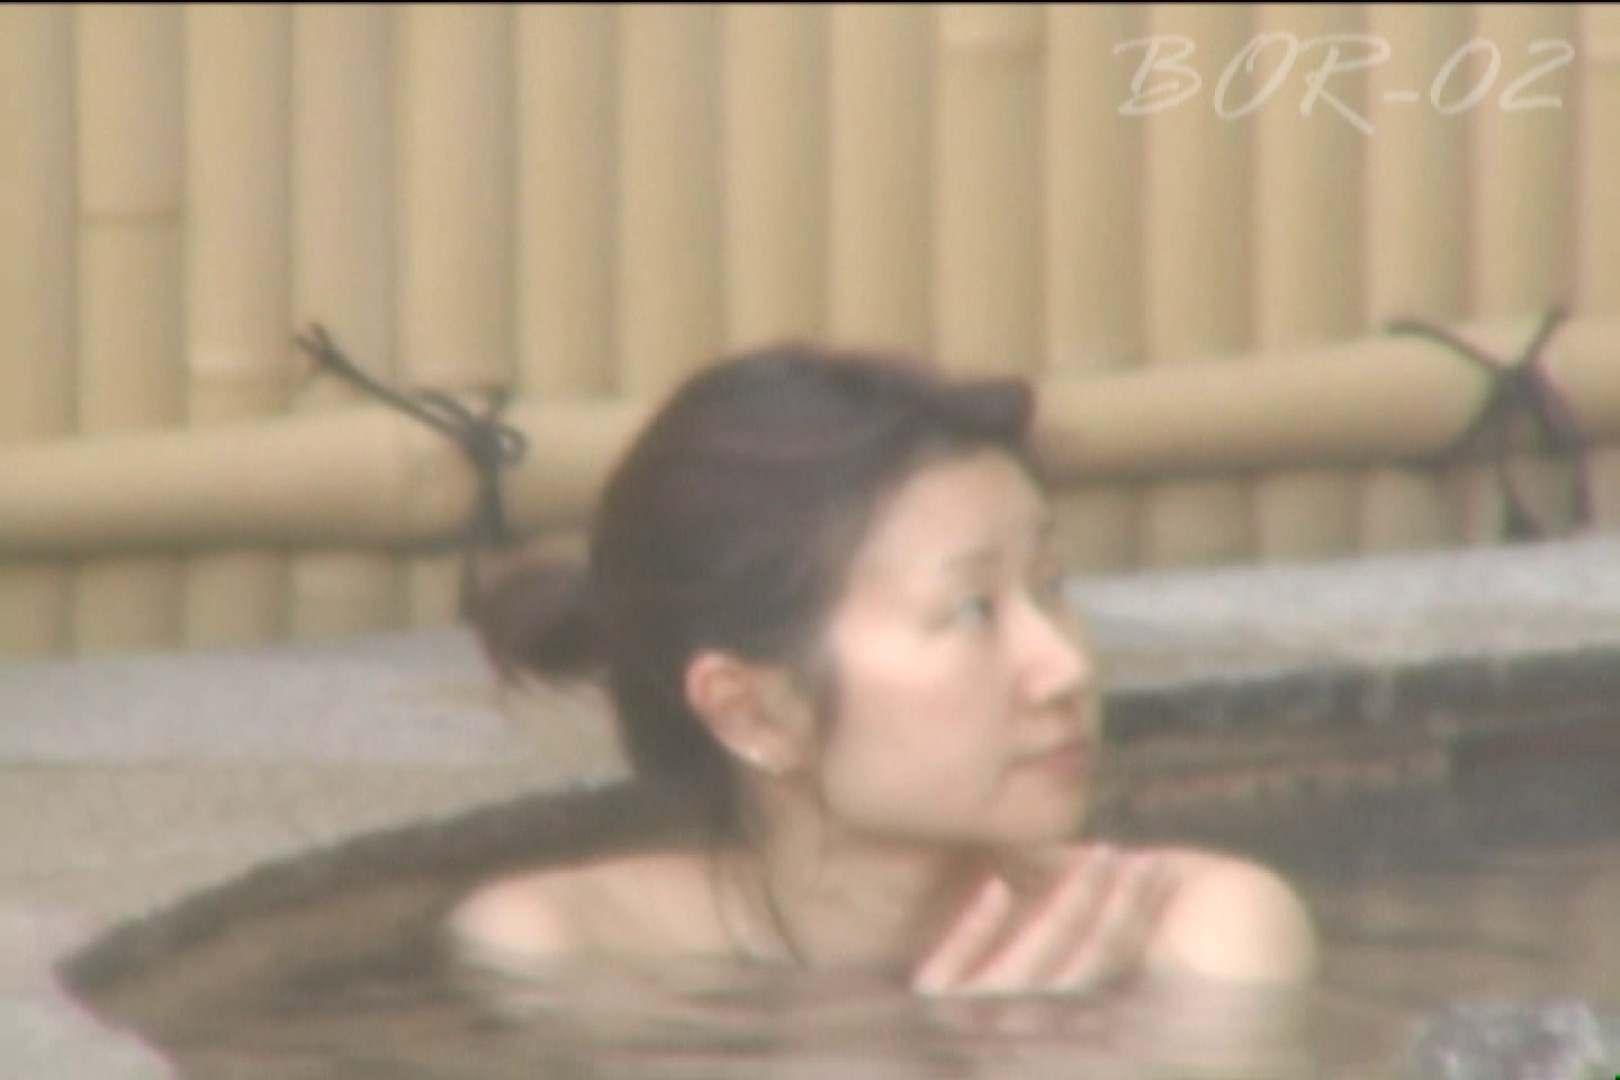 Aquaな露天風呂Vol.477 露天  86画像 15